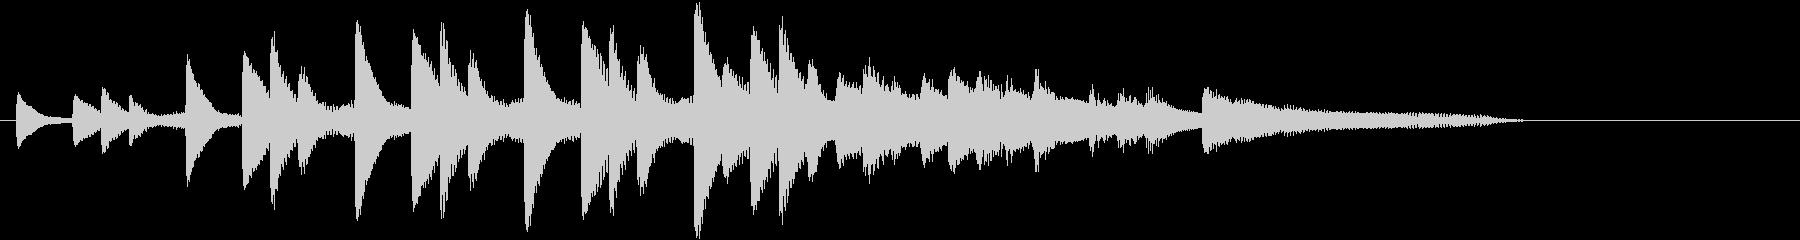 XmasキャロルオブザベルズジングルAの未再生の波形